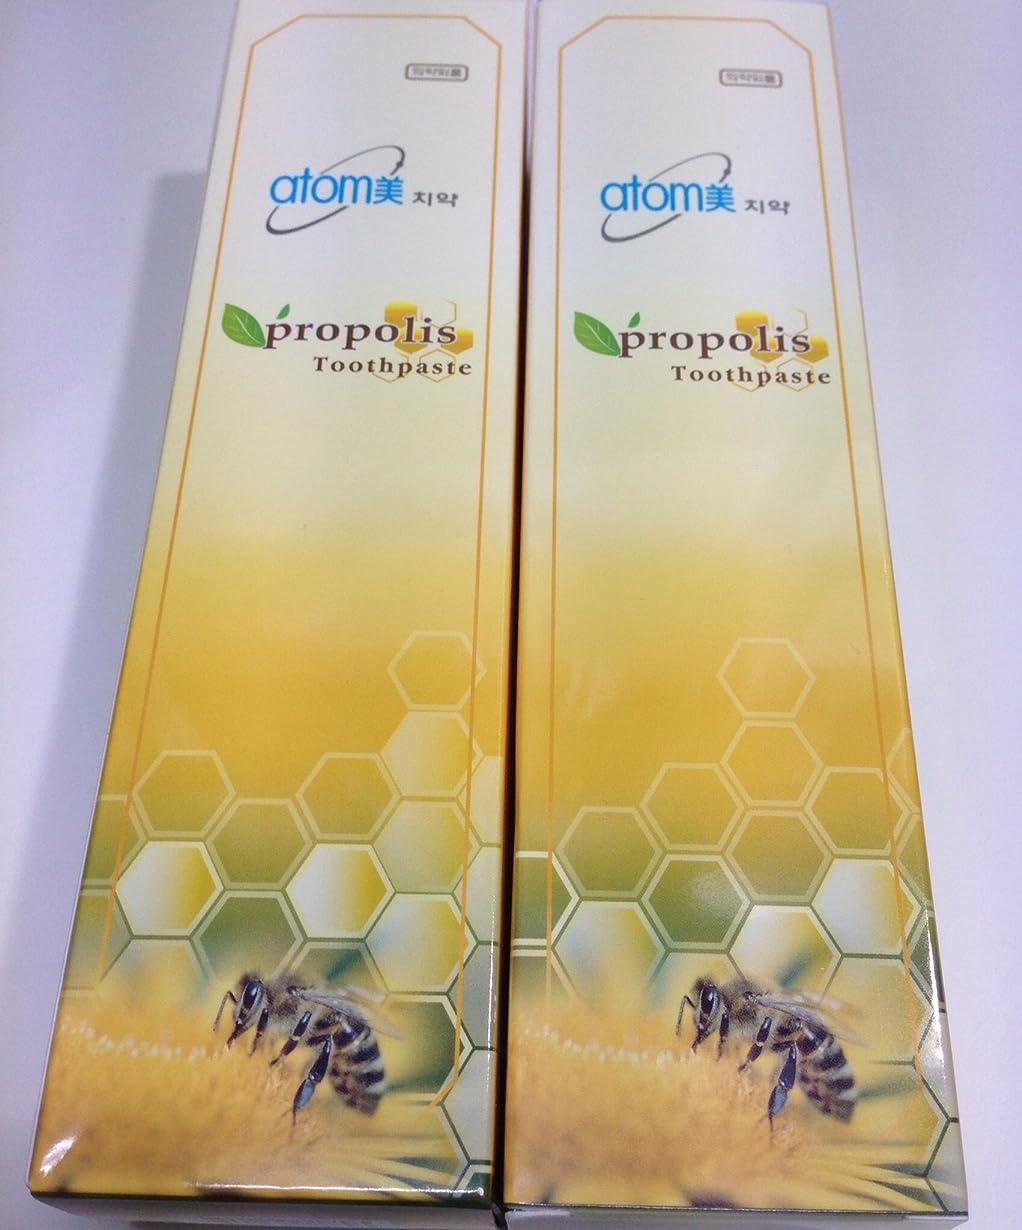 ピジン準備したハウスアトミ化粧品 アトミ 歯ミガキ (歯磨き粉) 200g 2本セット 並行輸入品